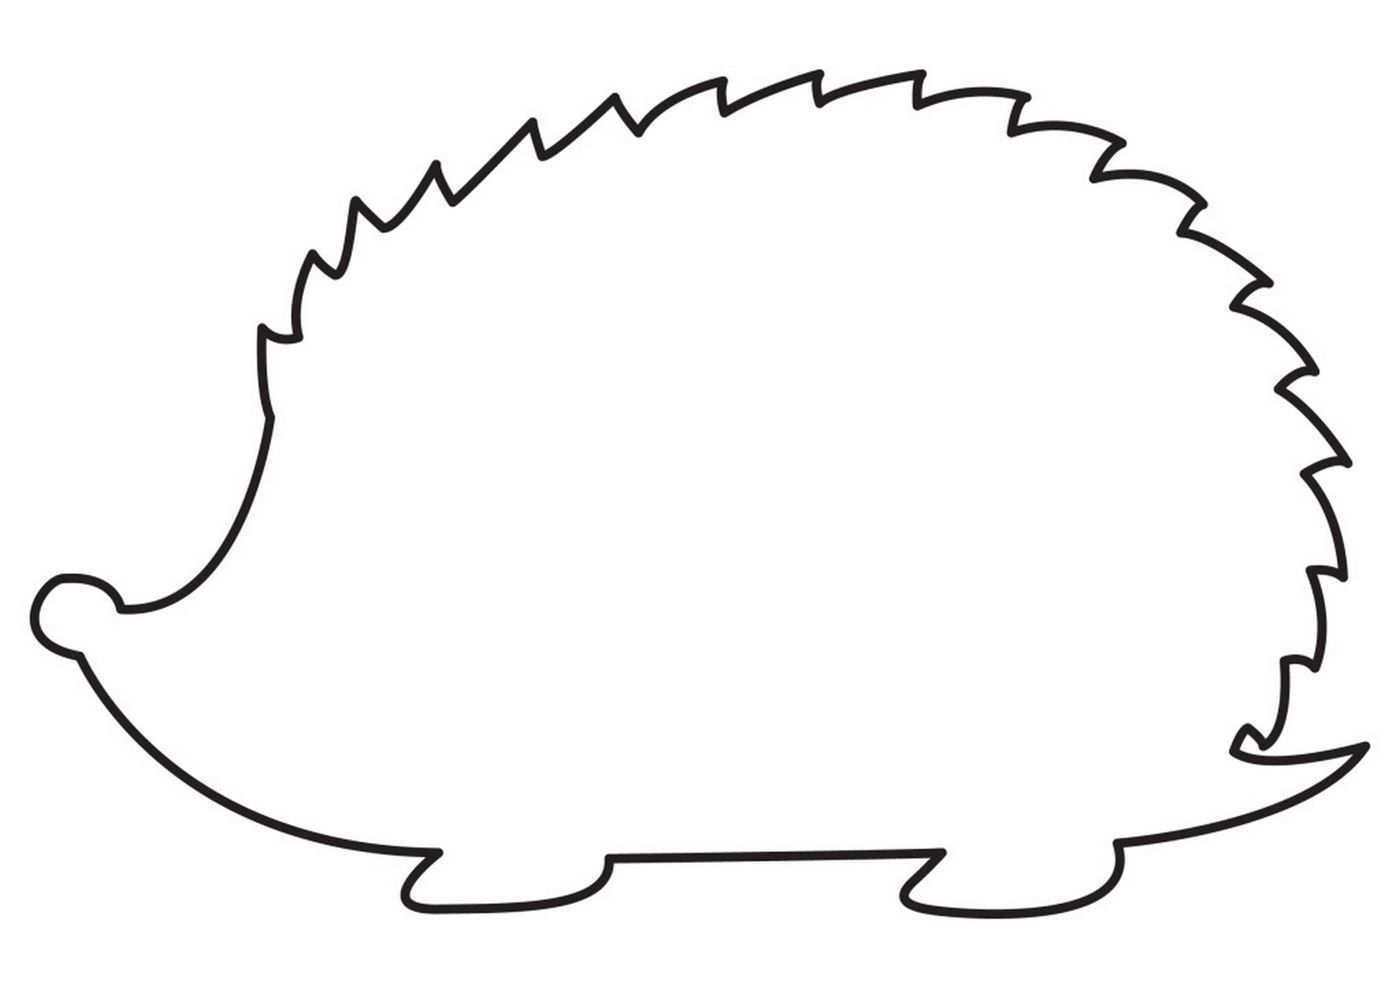 Fensterbilder Herbst Basteln 25 Ideen Und Vorlagen Zum Ausdrucken Herbstfensterdekokinder Fensterbilder Fur Den Hedgehog Craft Crafts For Kids Button Crafts